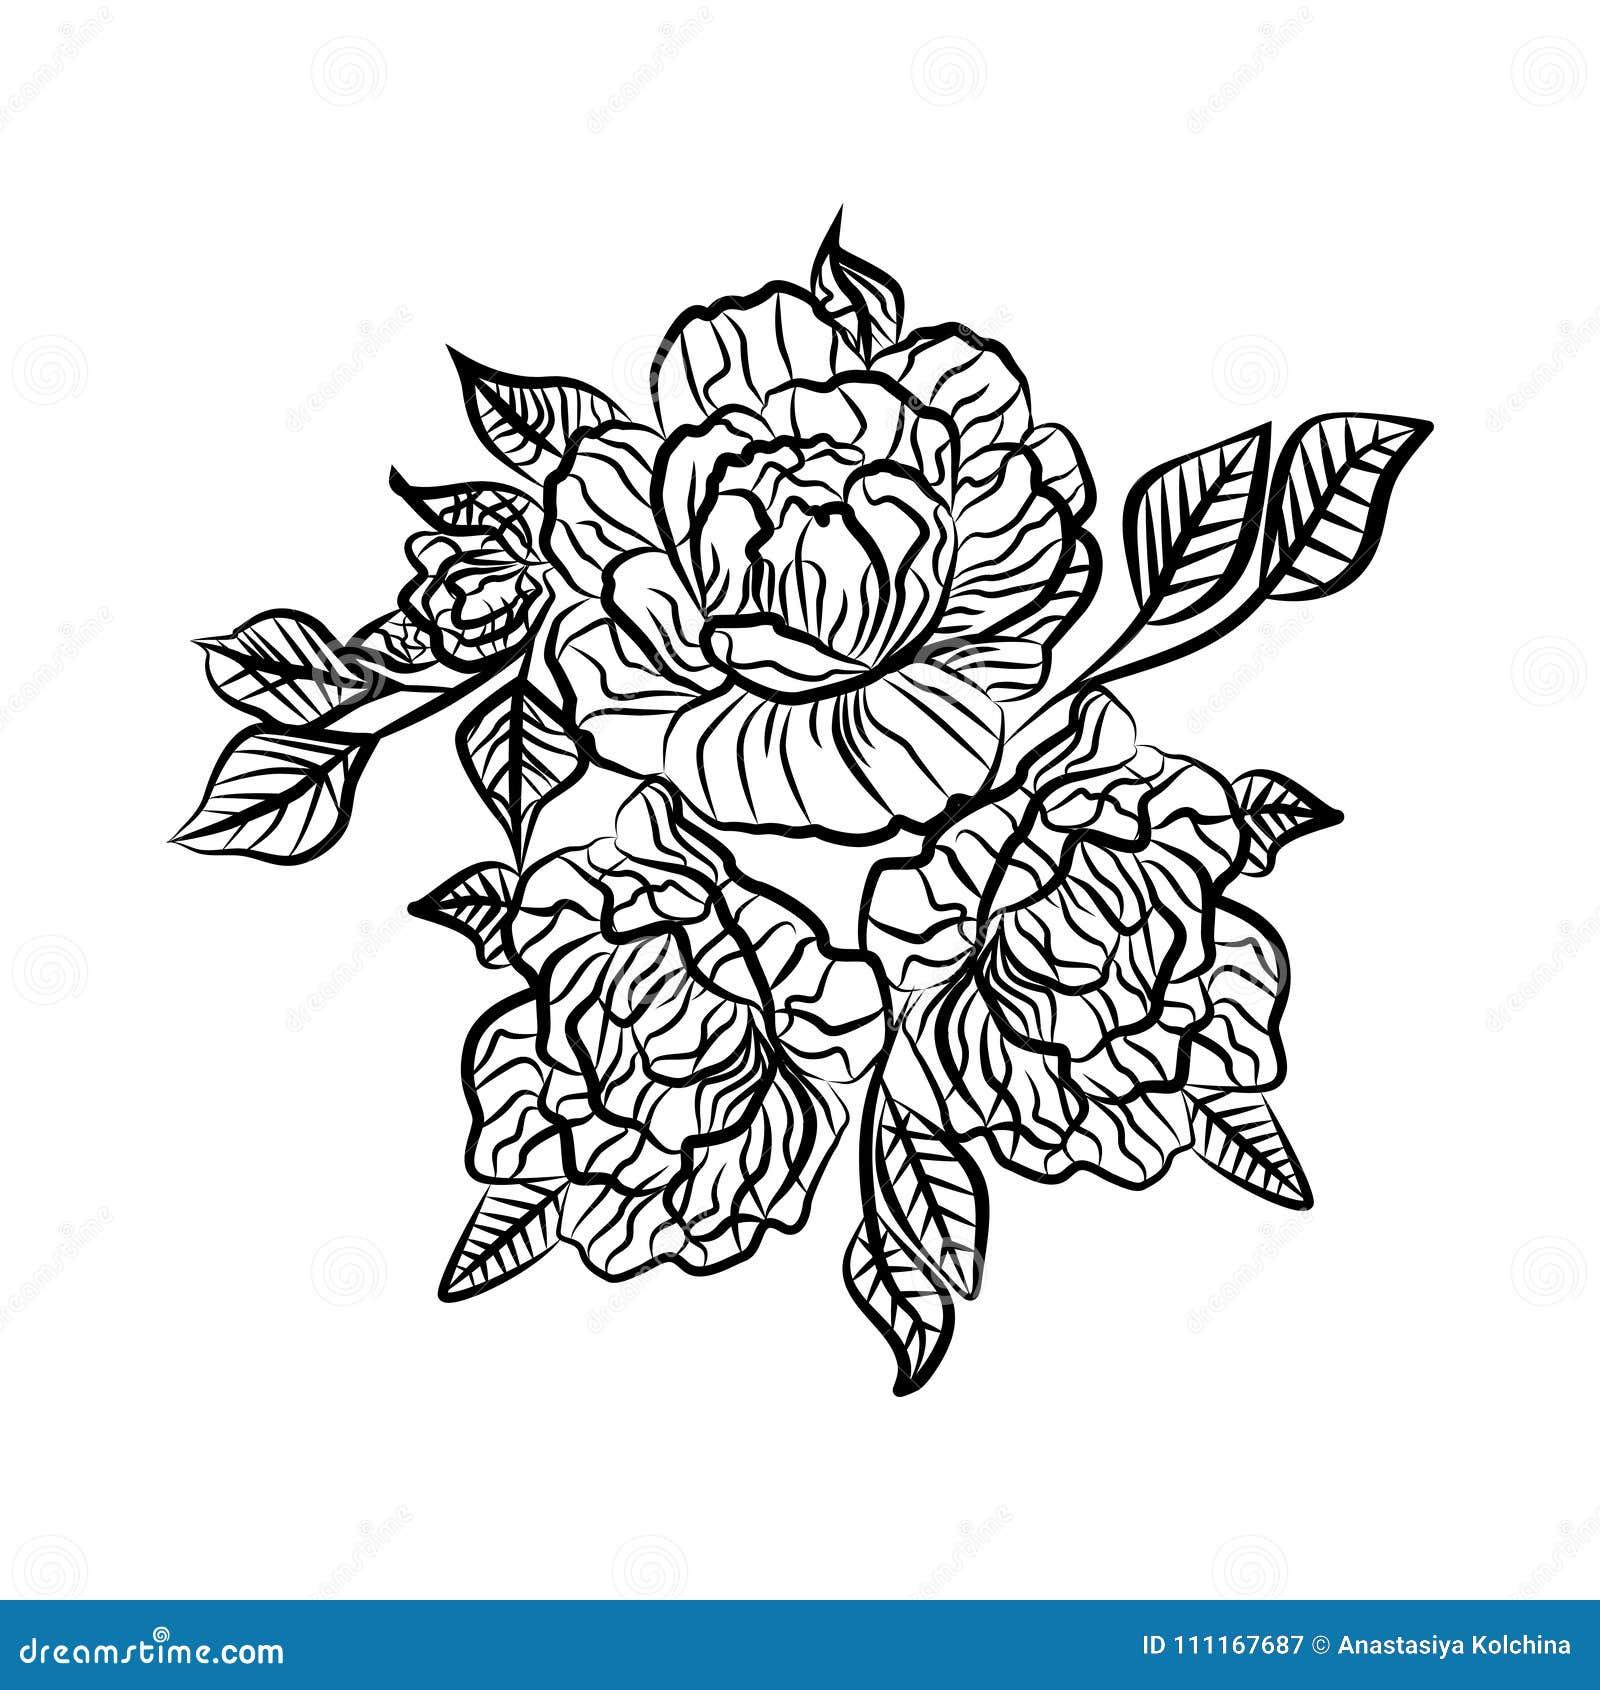 dibujo blanco y negro de un tatuaje de la rosa silueta de la rama